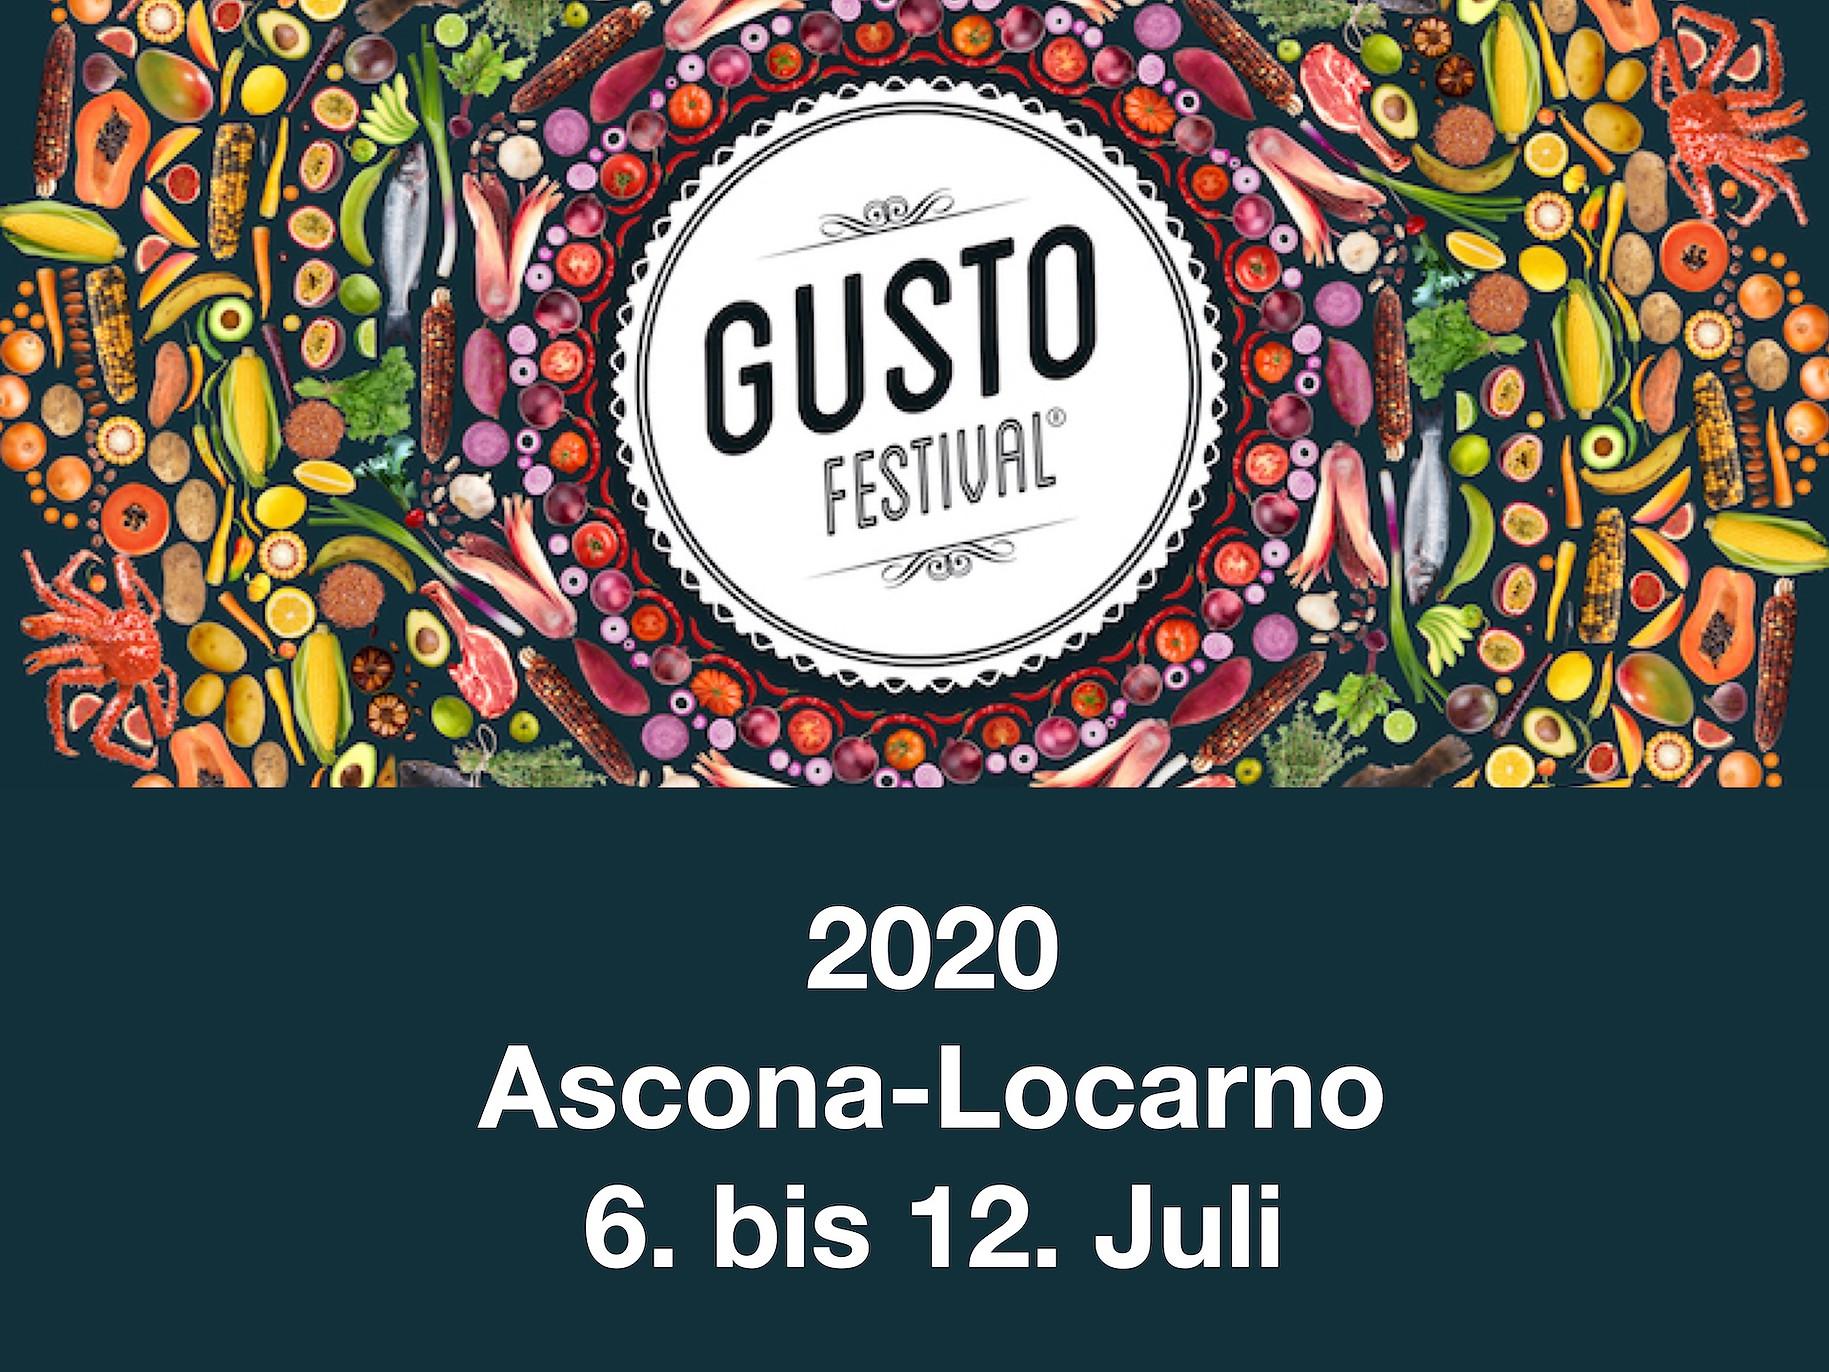 Gustofestival Ascona-Locarno 2020.jpeg